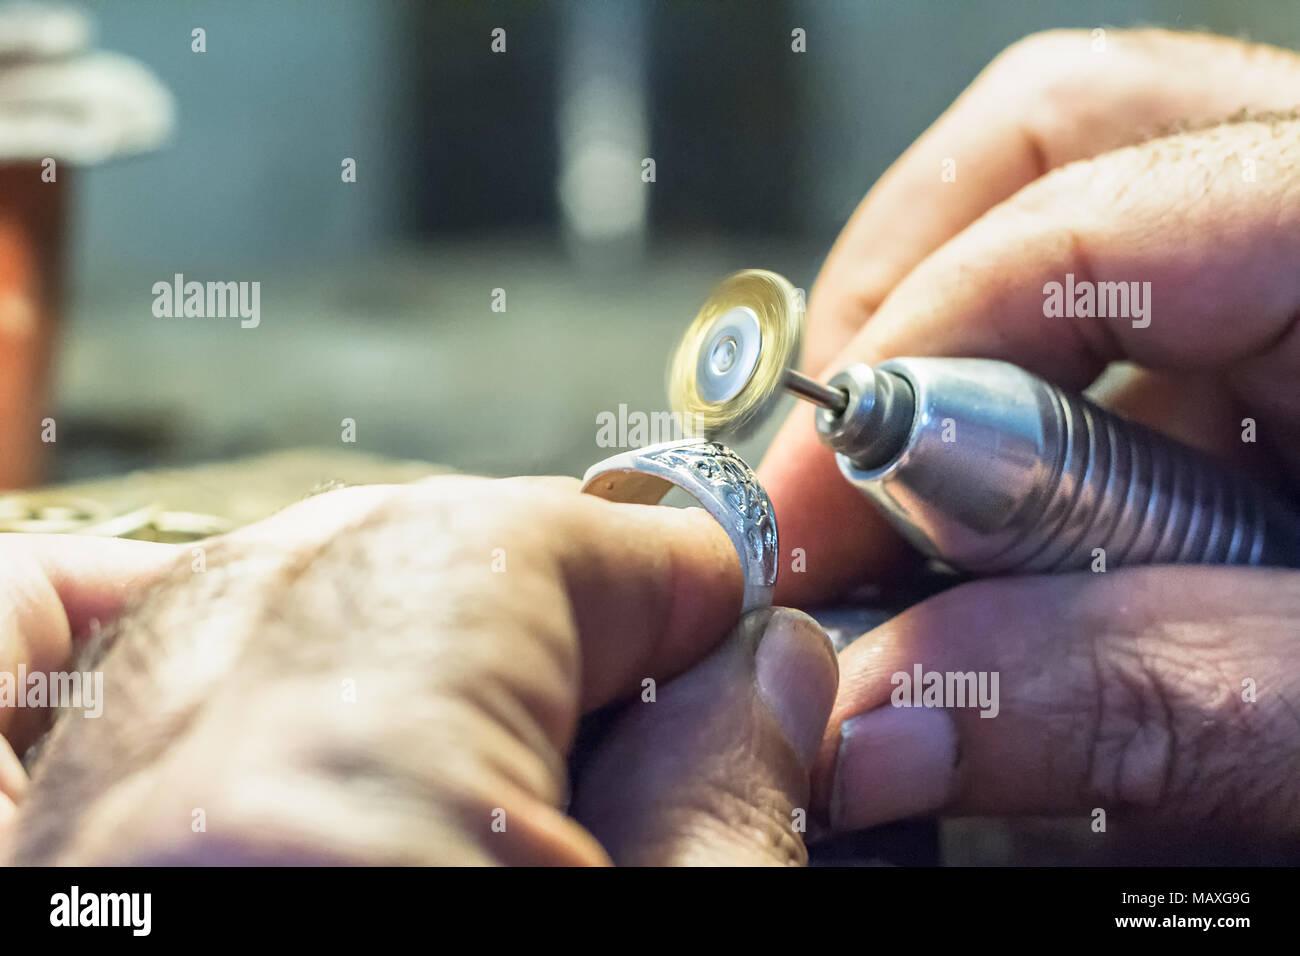 c98822e34223 Joyero masculino pulir un anillo de plata con un cepillo de alambre de  cobre montado sobre